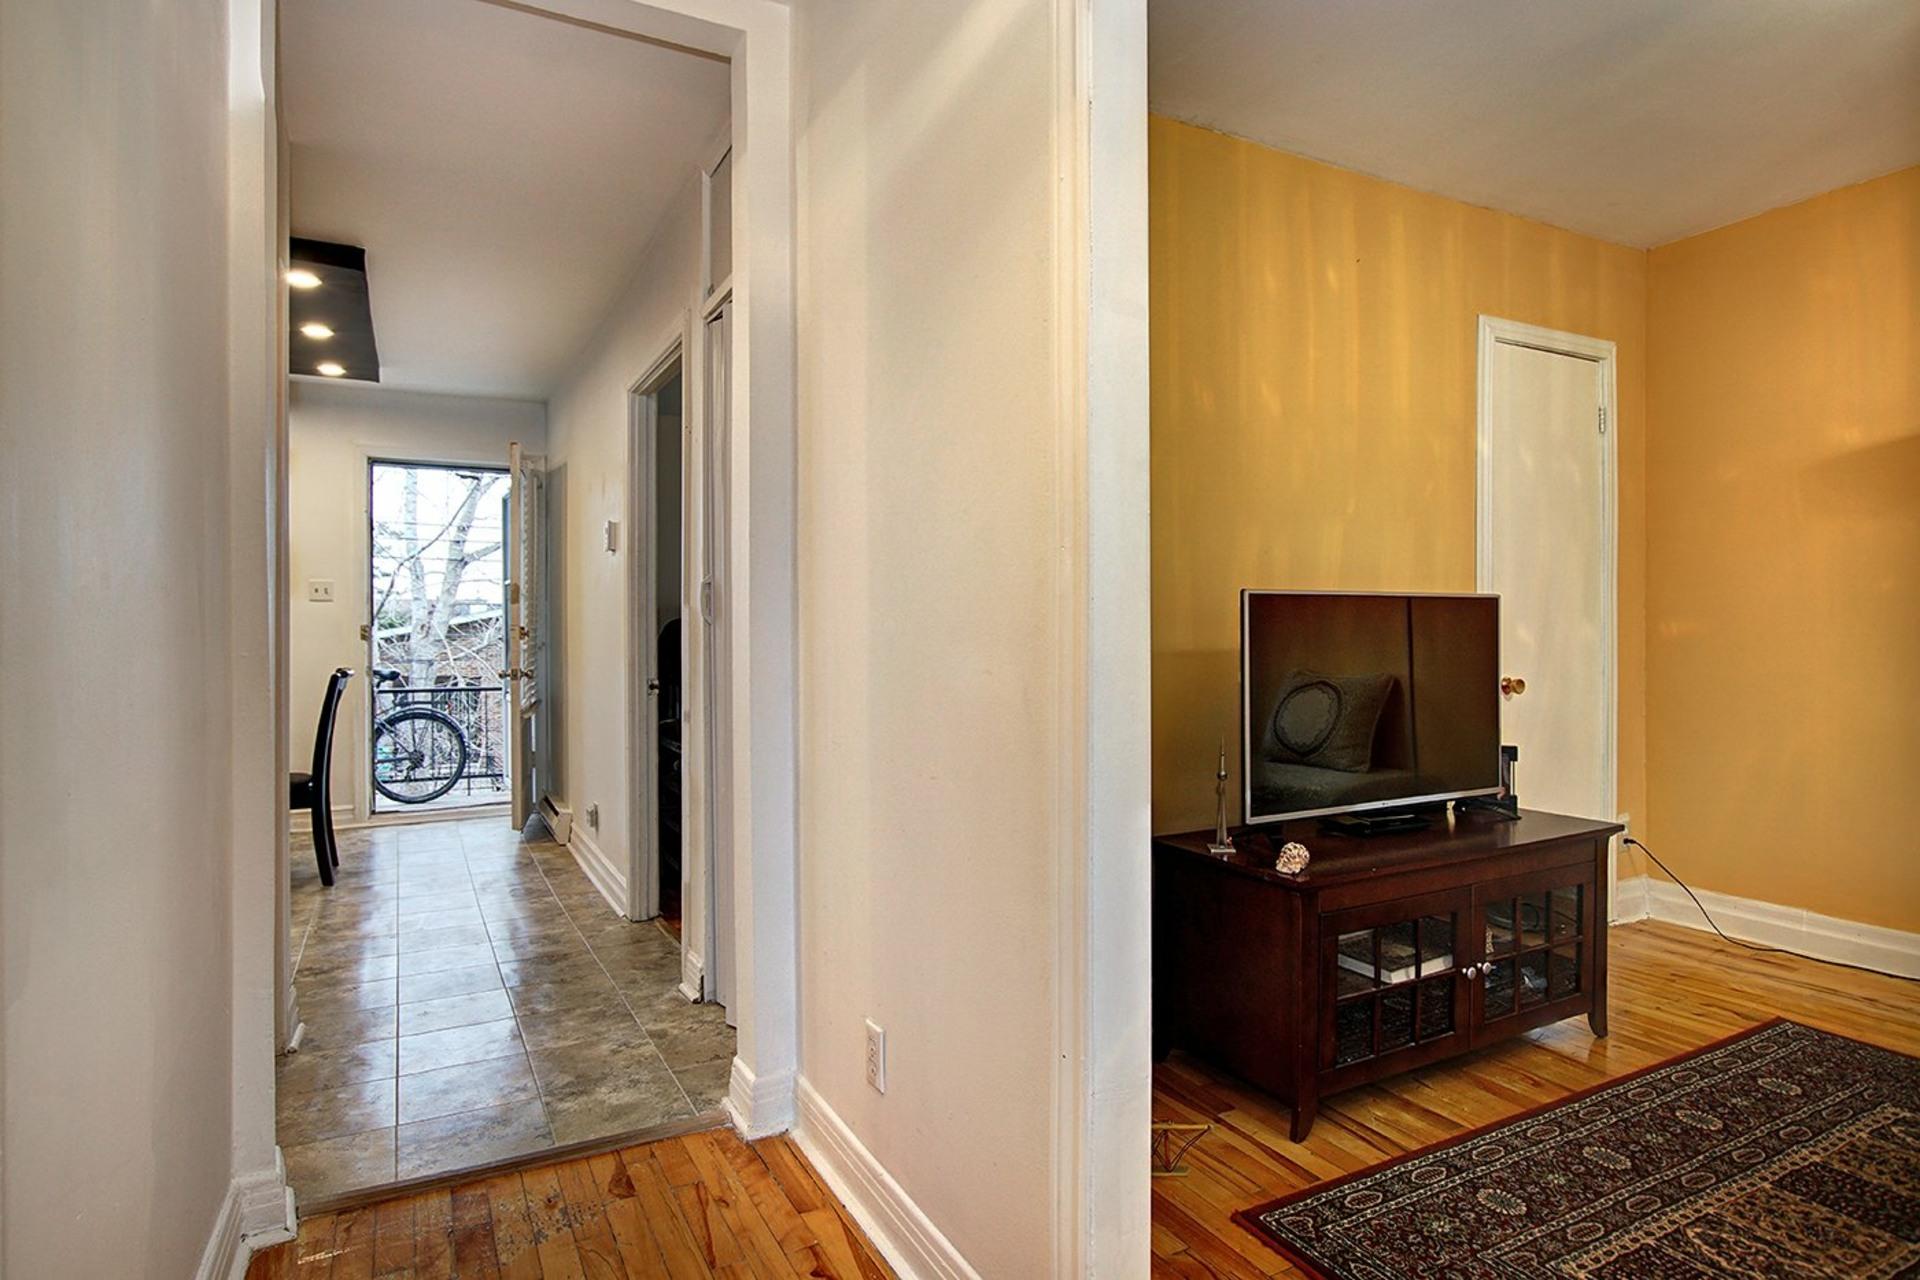 image 11 - Duplex For sale Rivière-des-Prairies/Pointe-aux-Trembles Montréal  - 4 rooms